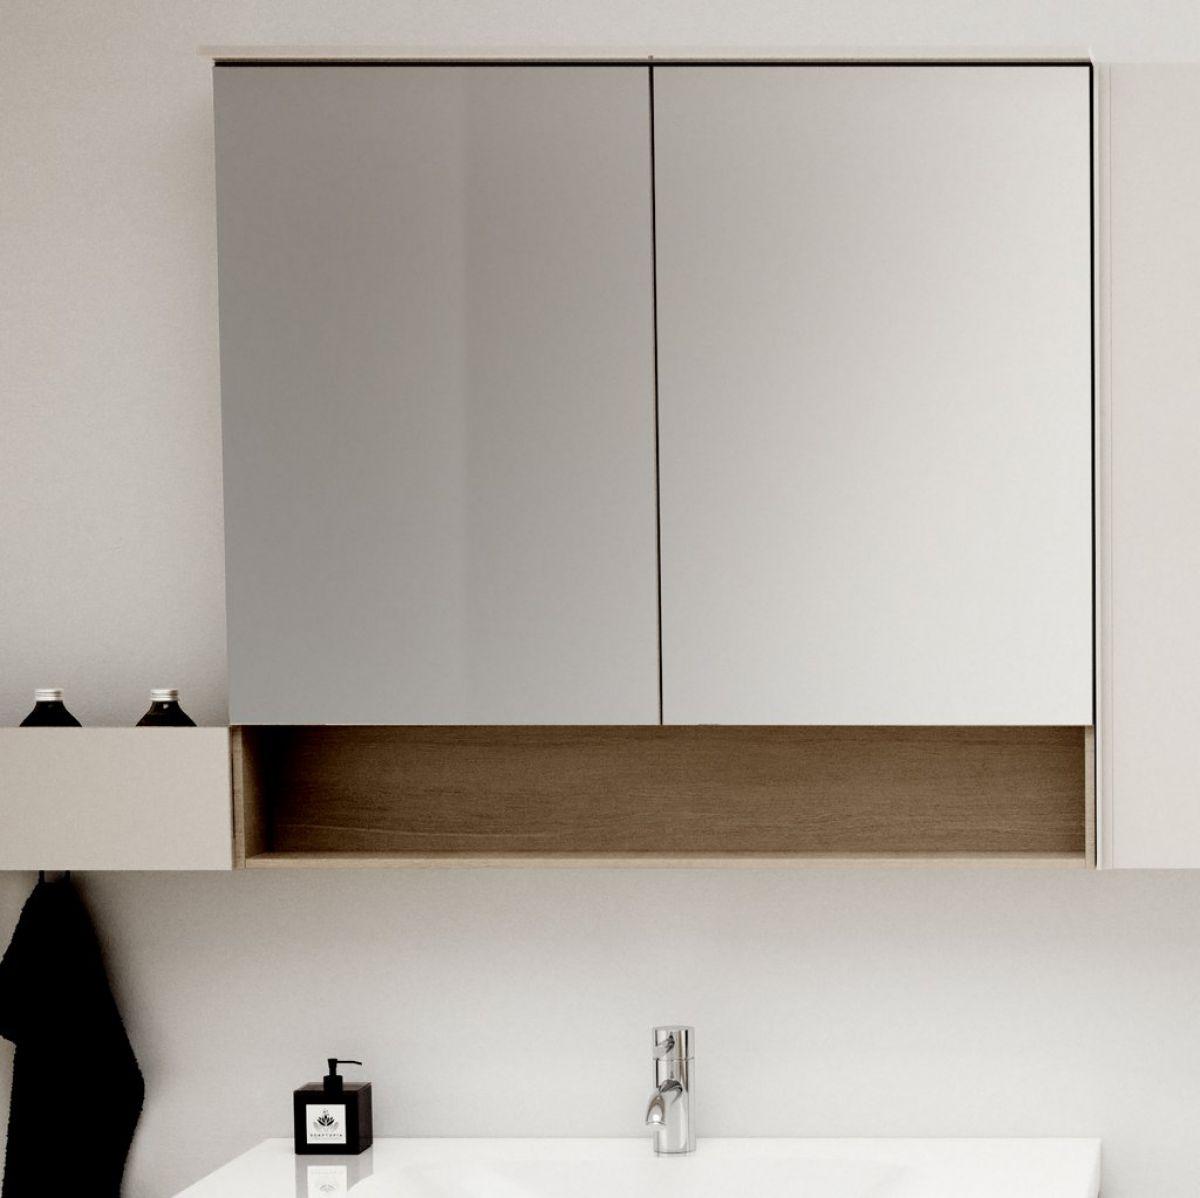 Geberit Acanto Two Door Mirror Cabinet With Lighting